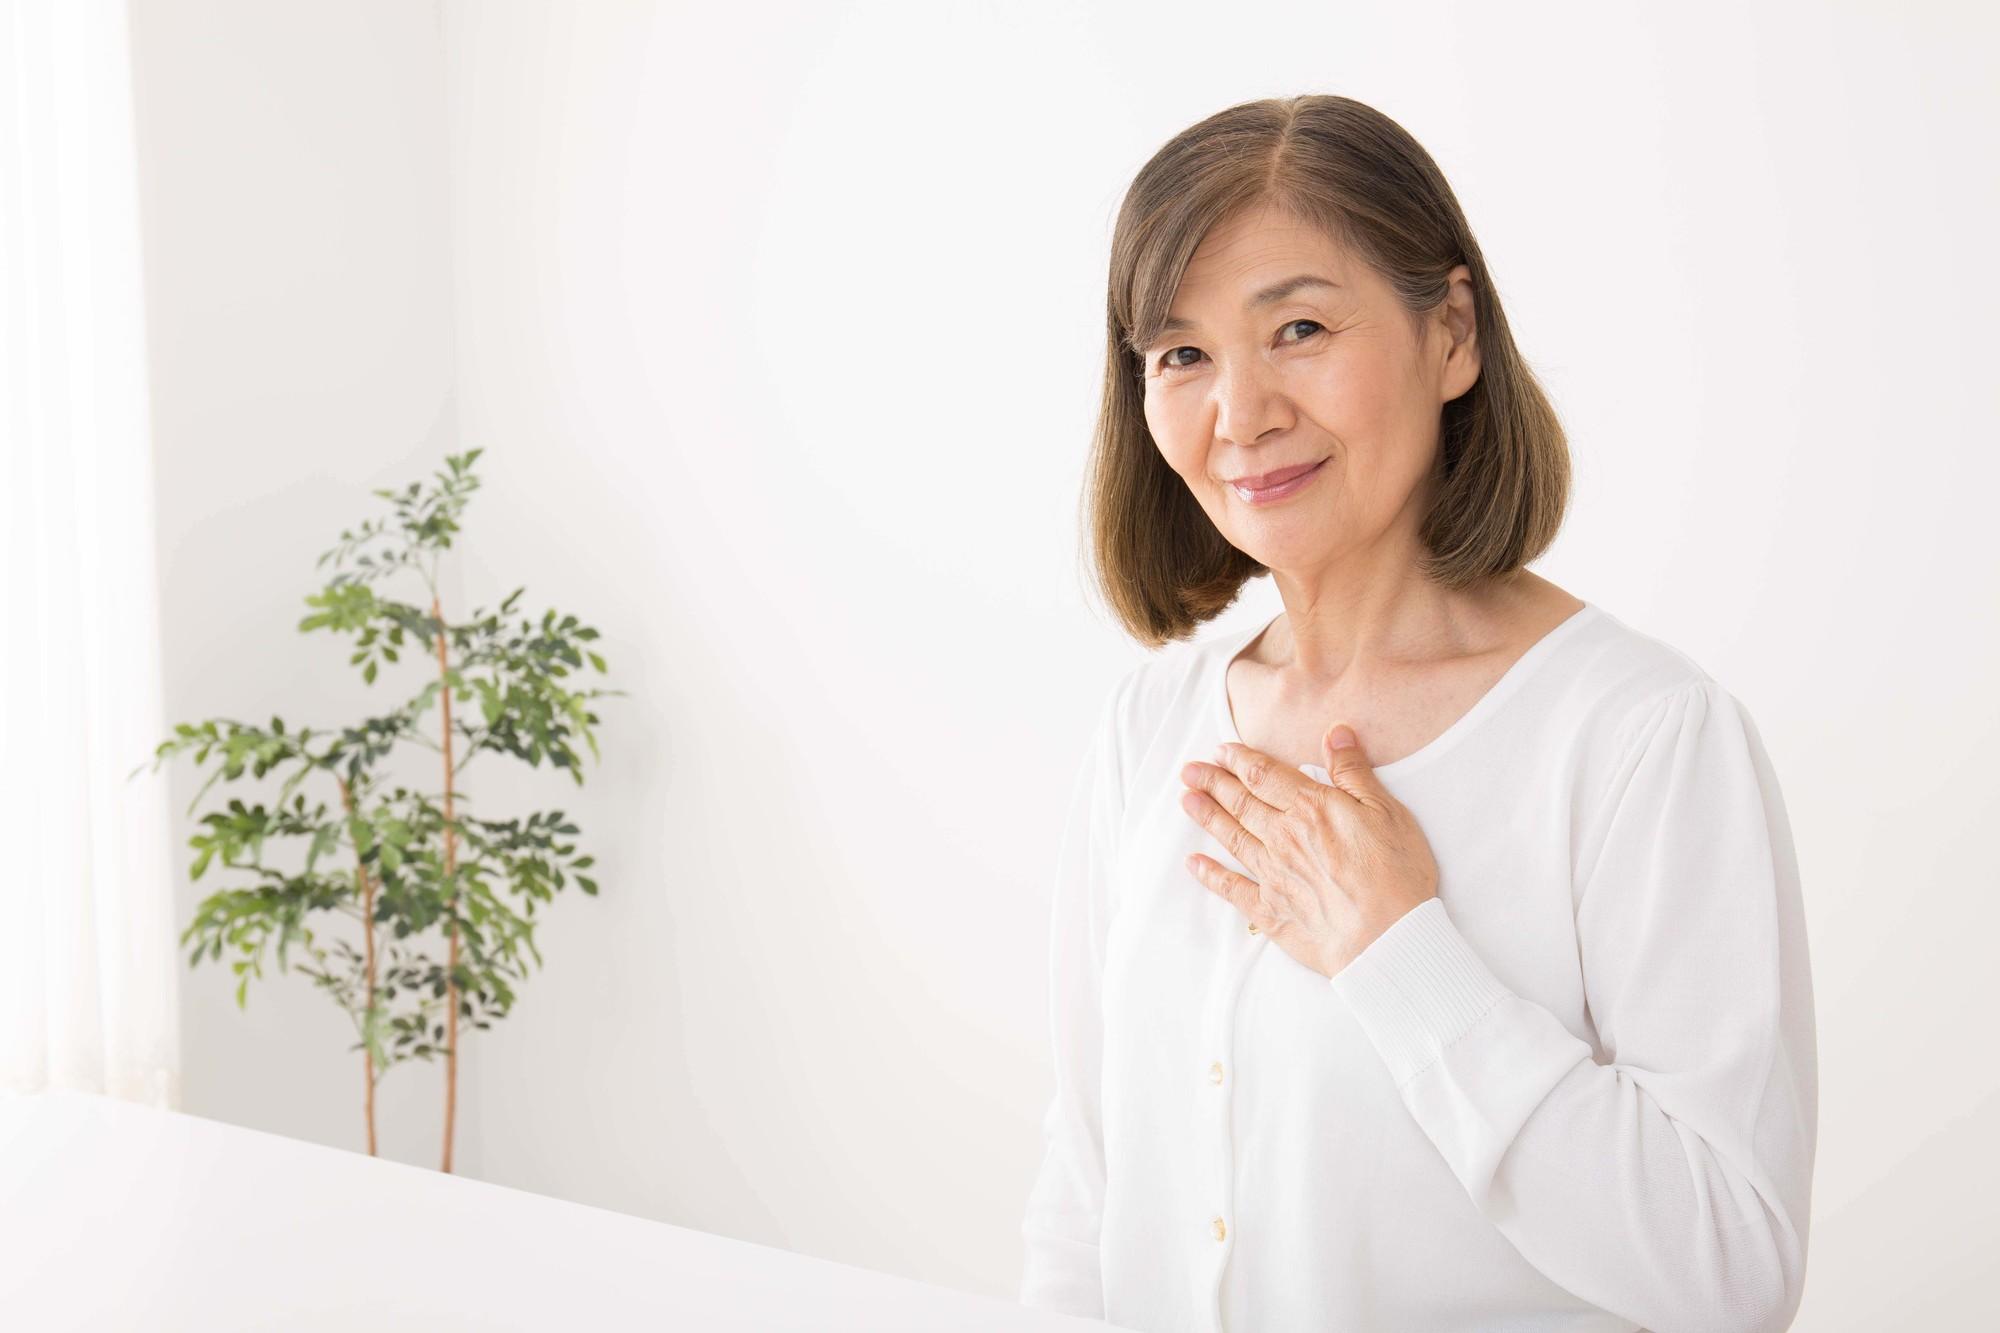 高齢女性イメージ図